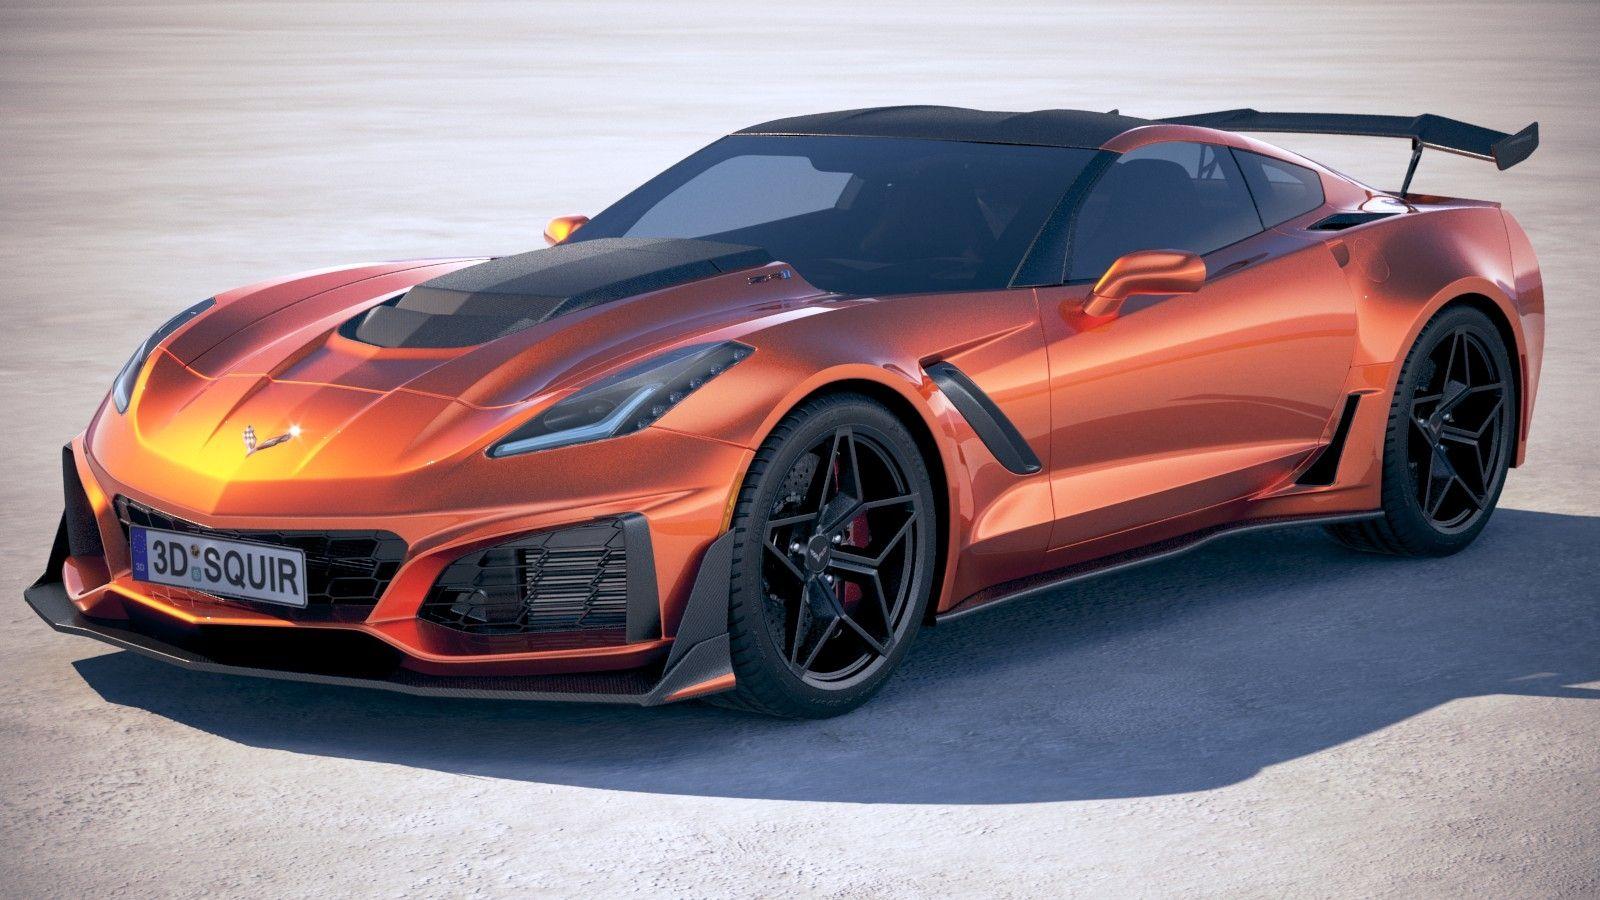 3D Chevrolet Corvette ZR1 2019 model (With images